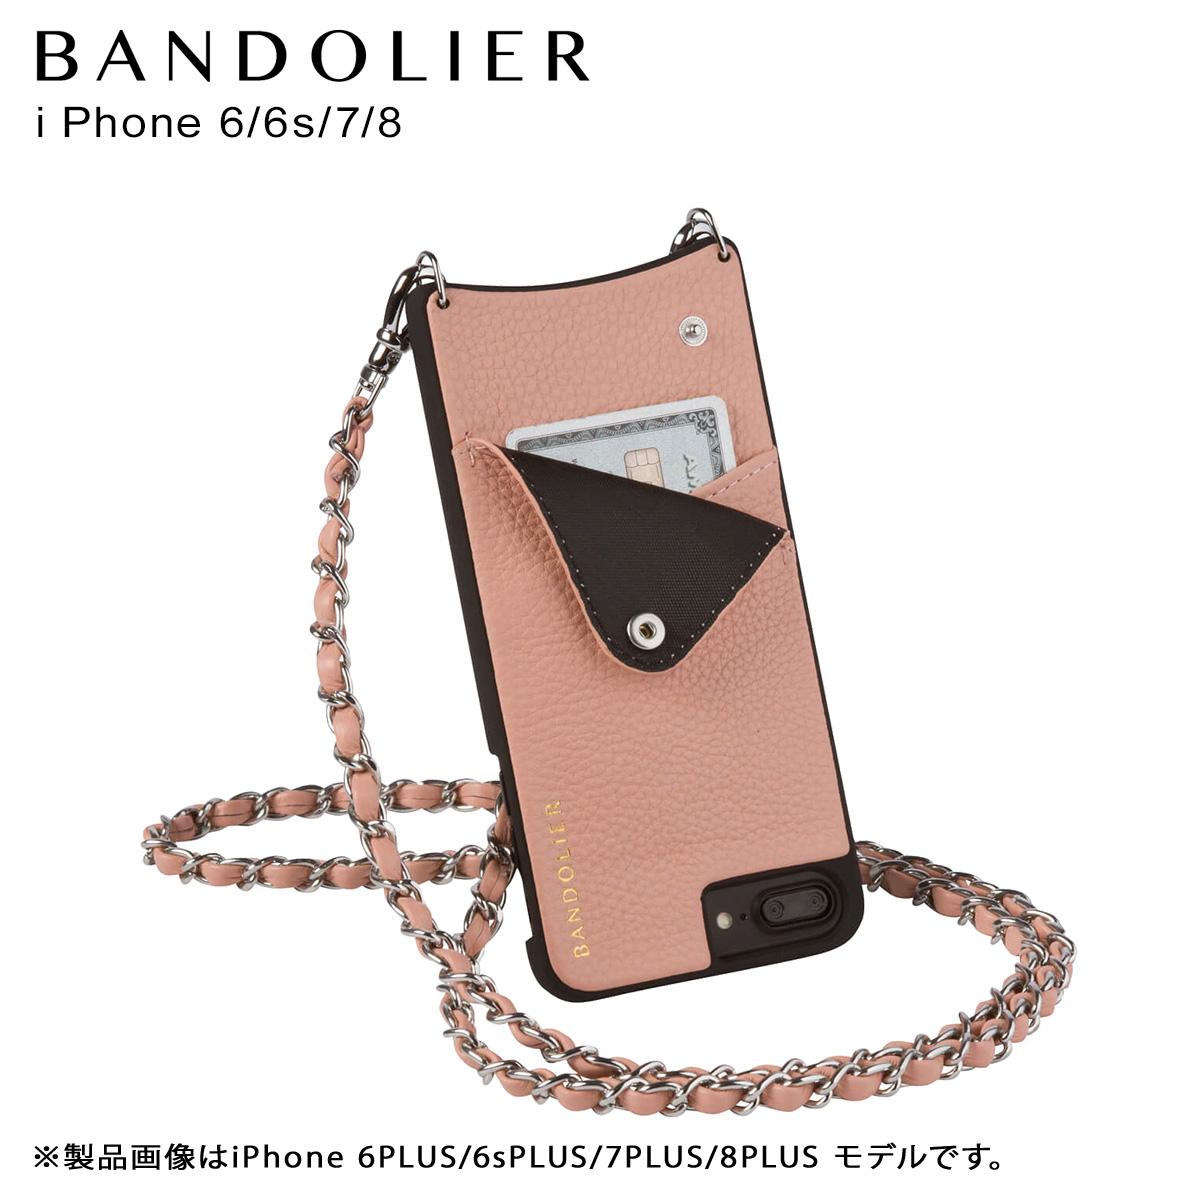 バンドリヤー BANDOLIER iPhone8 iPhone7 6s ケース スマホ アイフォン LUCY BLUSH メンズ レディース